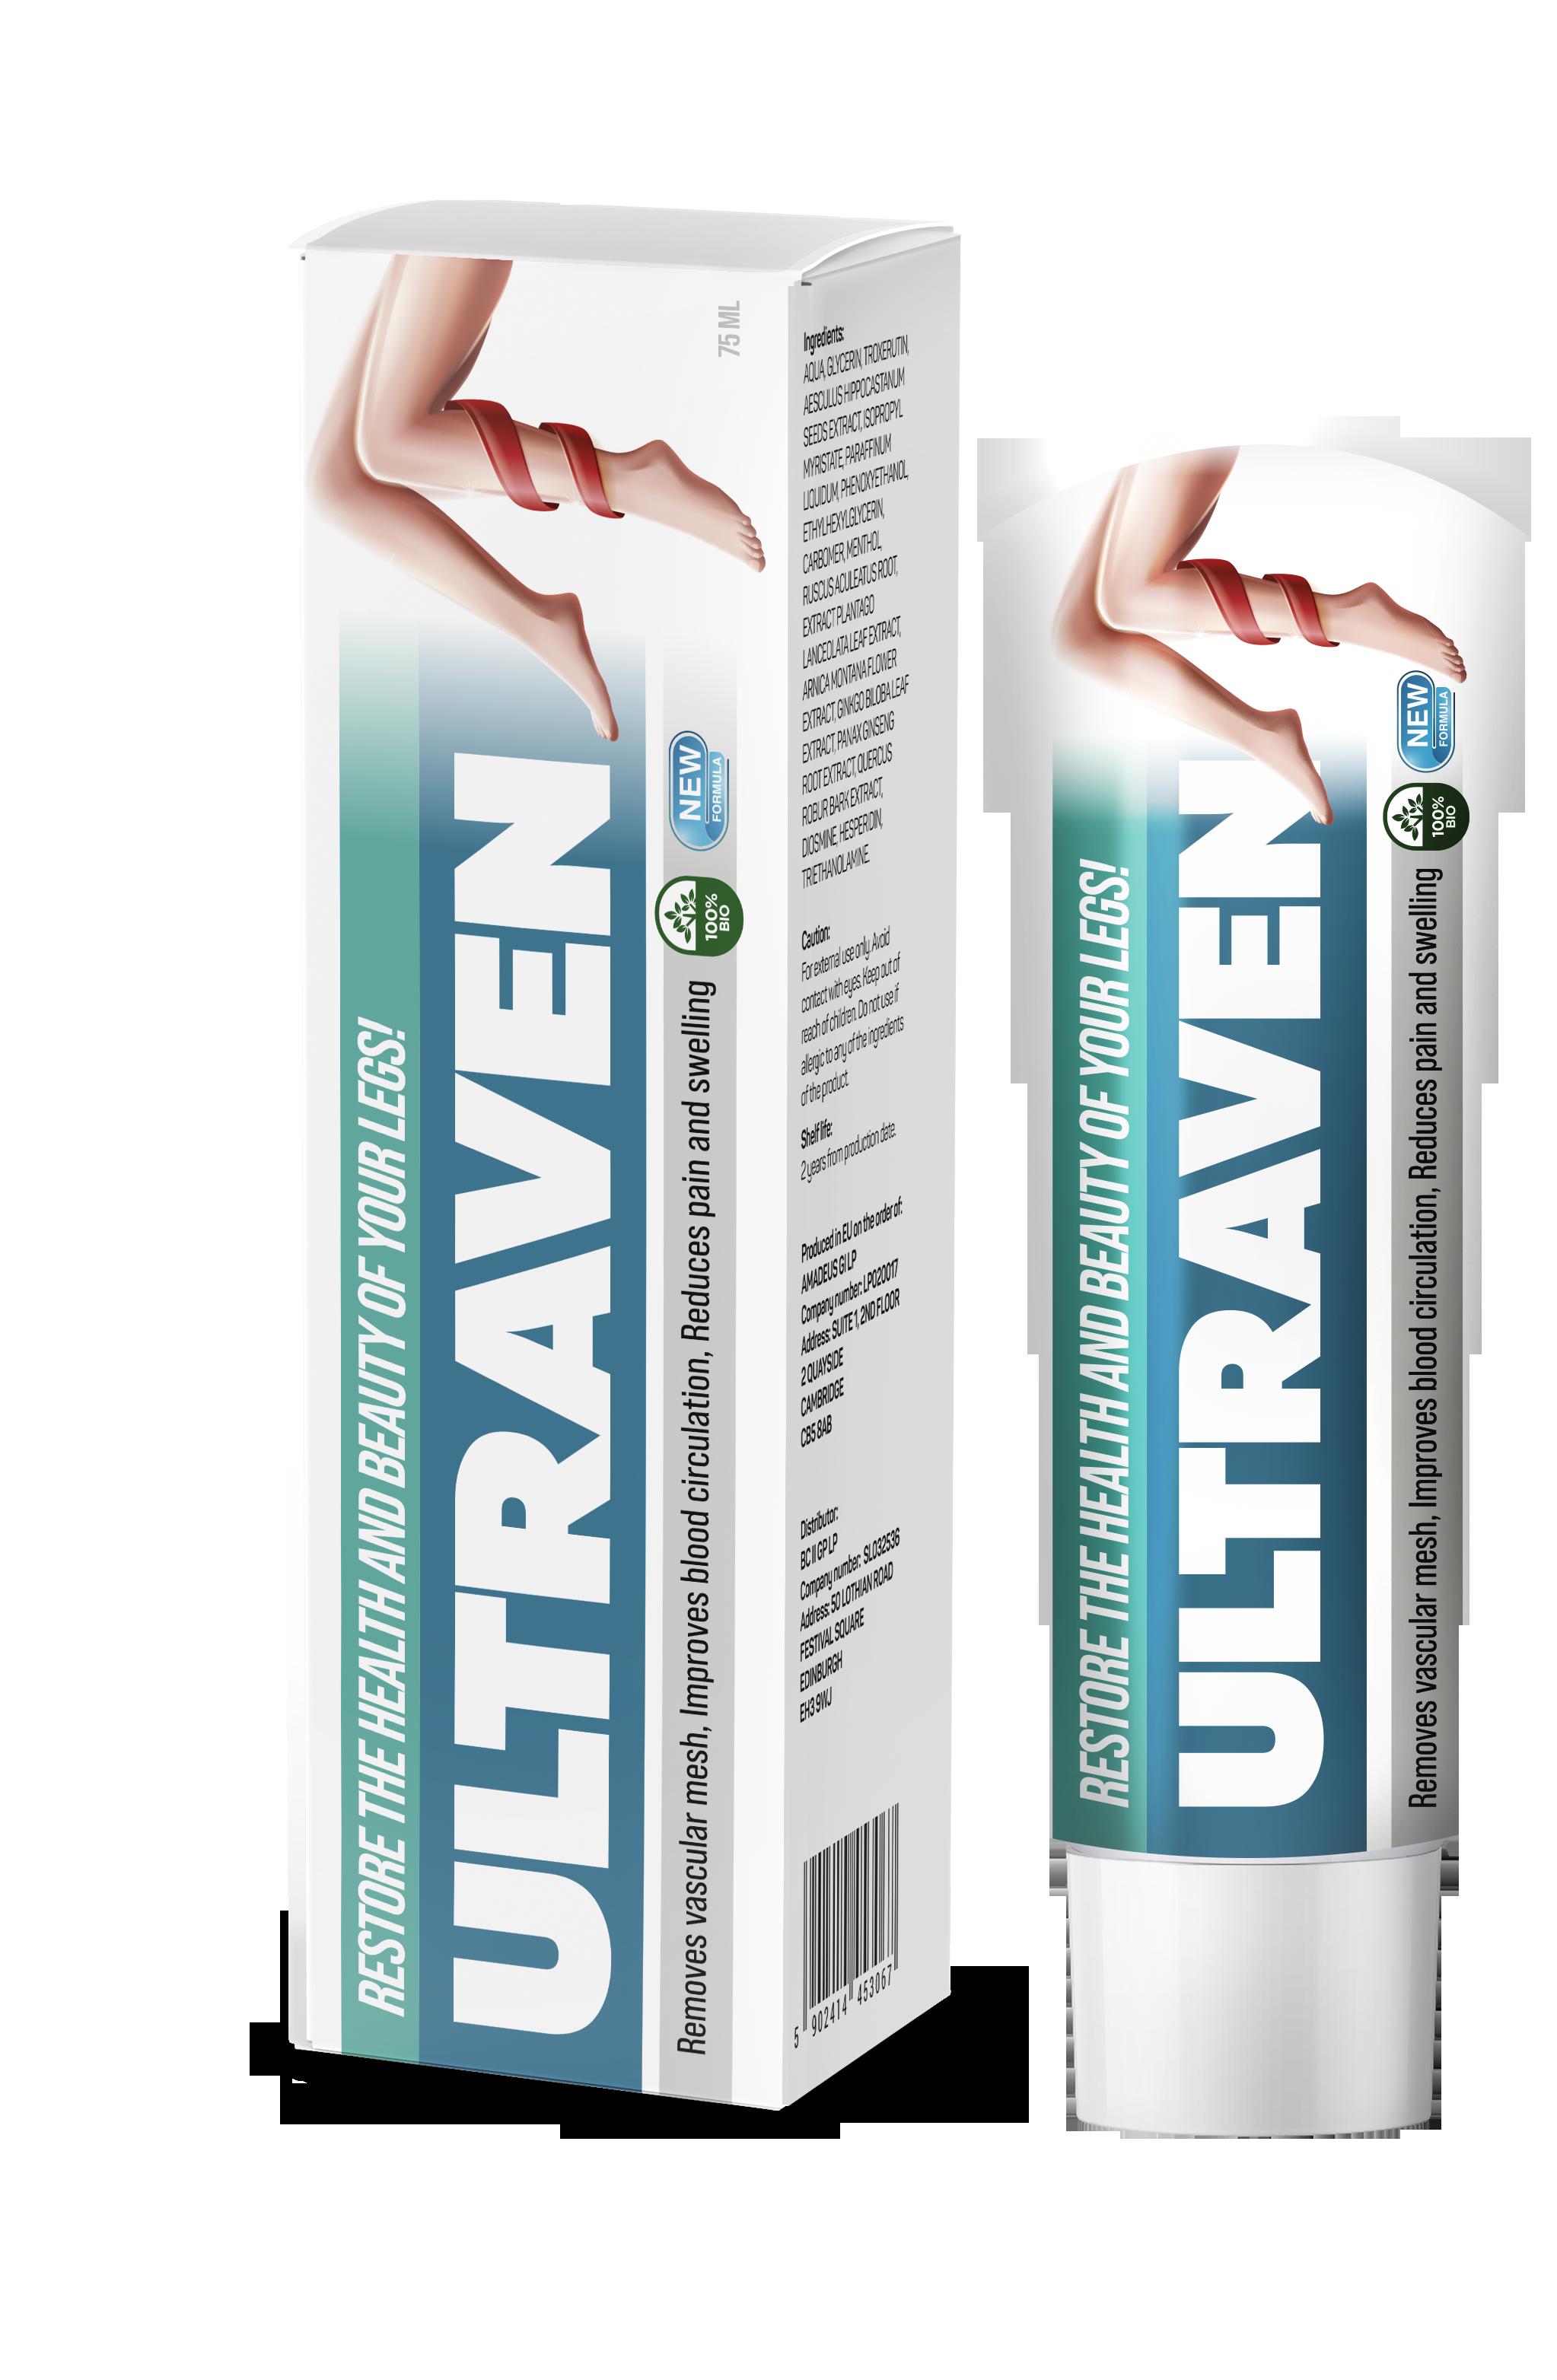 Ultraven - opinie forum użytkowników